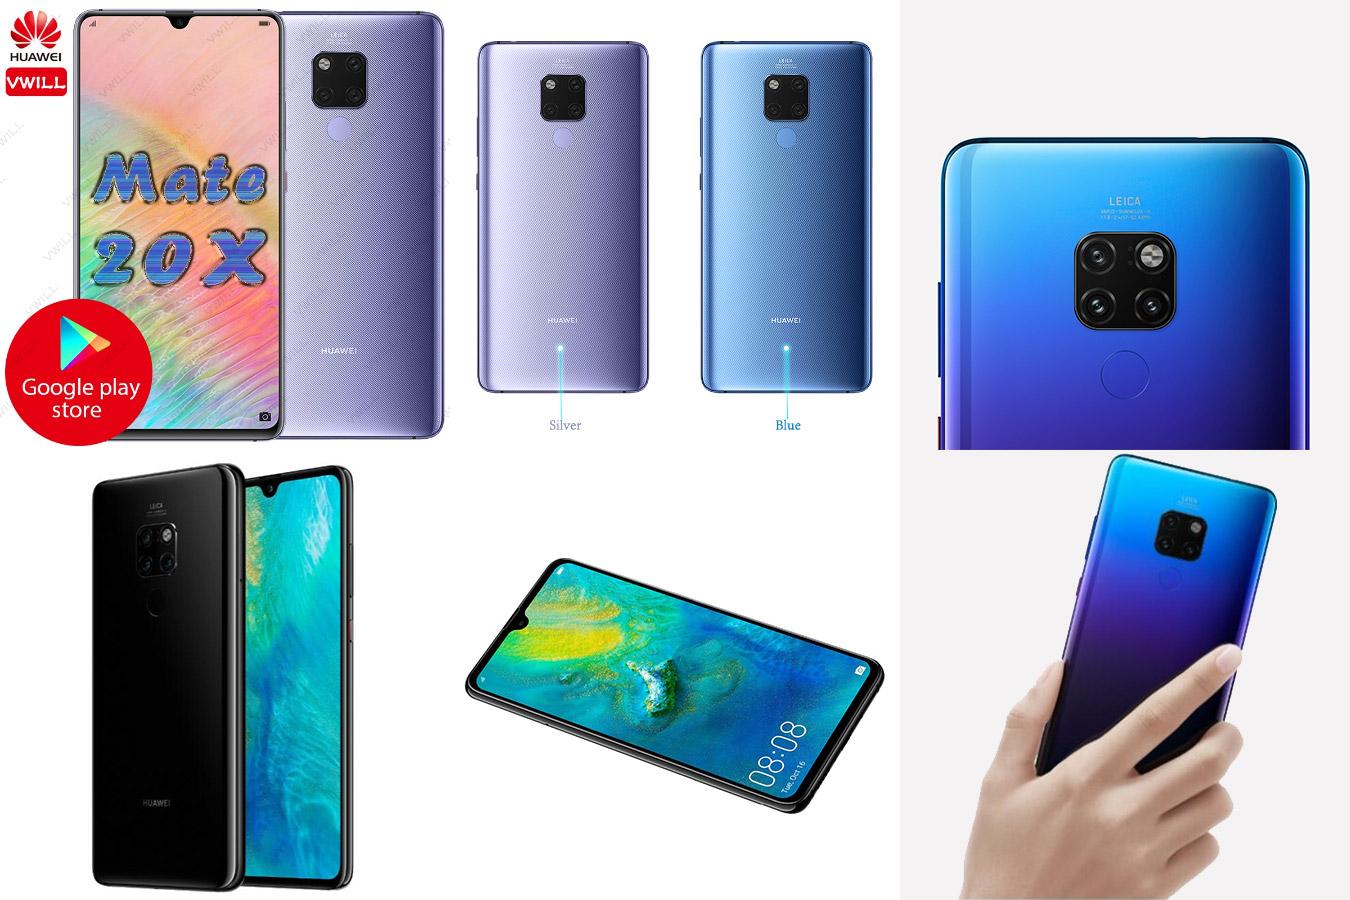 Телефон с емкой батареей и хорошей камерой Huawei Mate 10